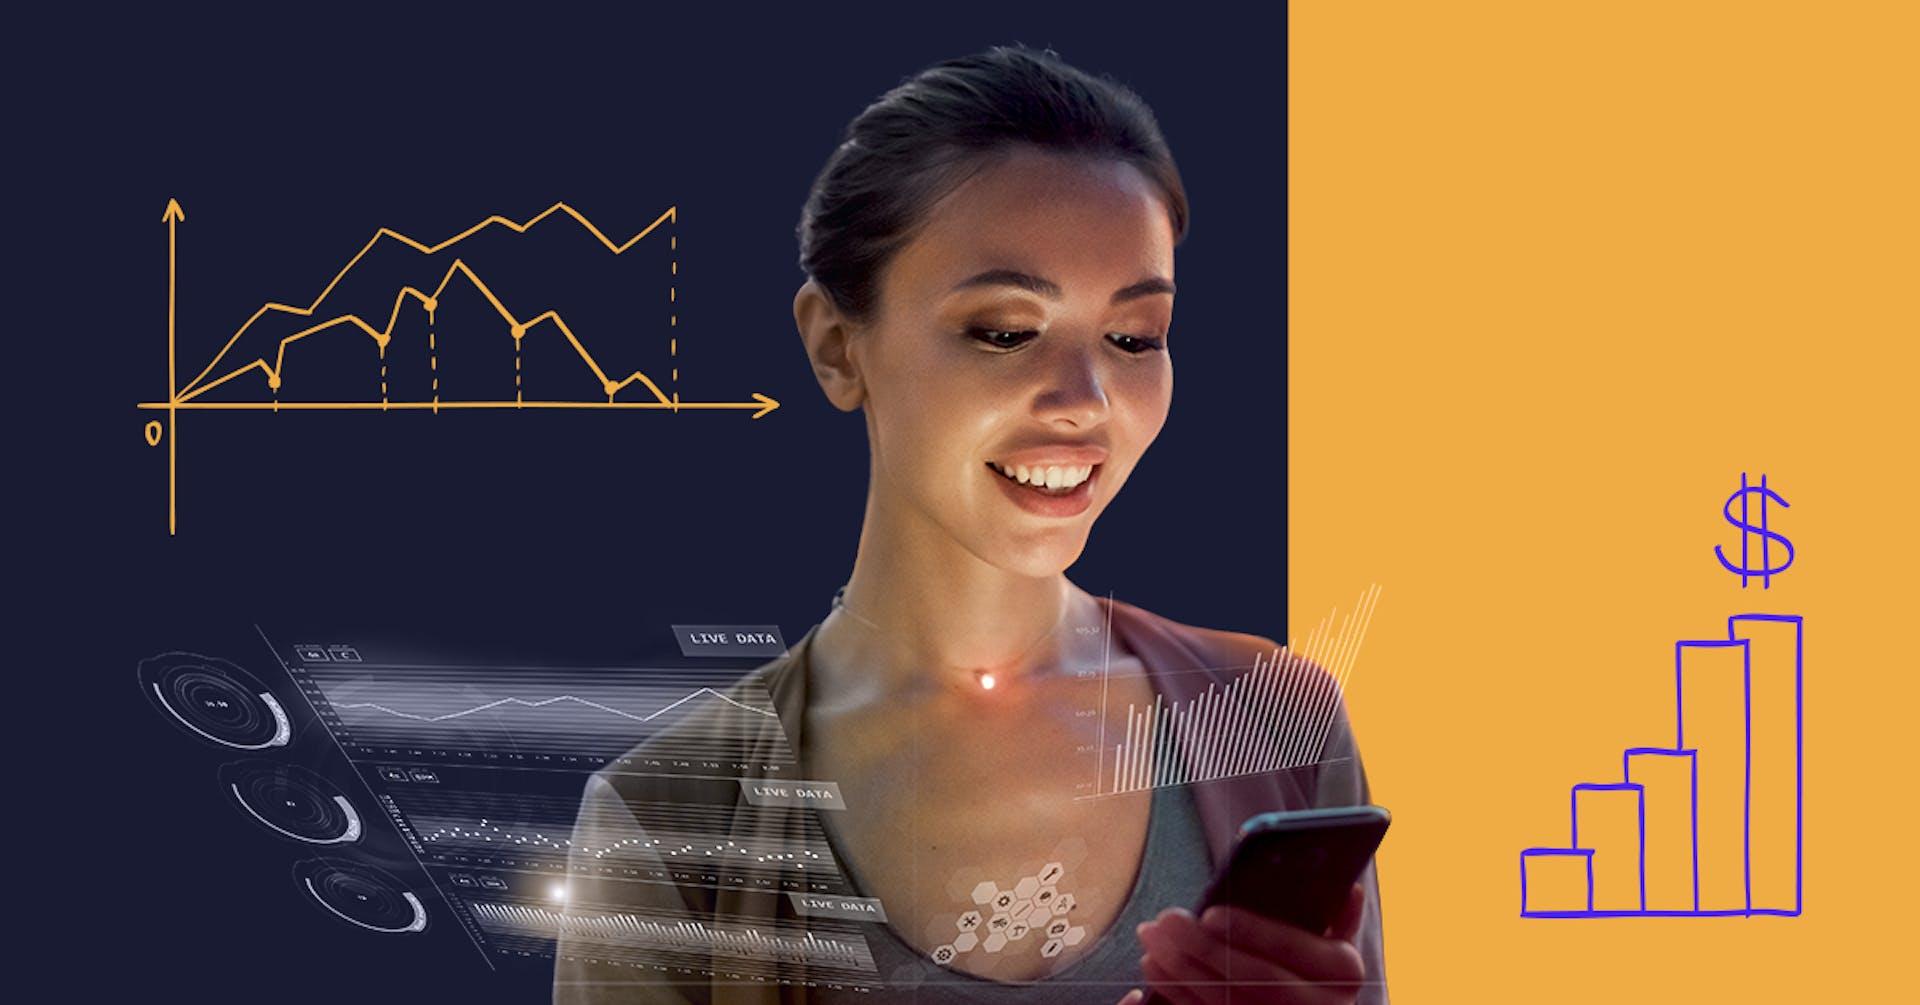 Big Data: Incrementa tus ventas B2B con los datos de tus clientes